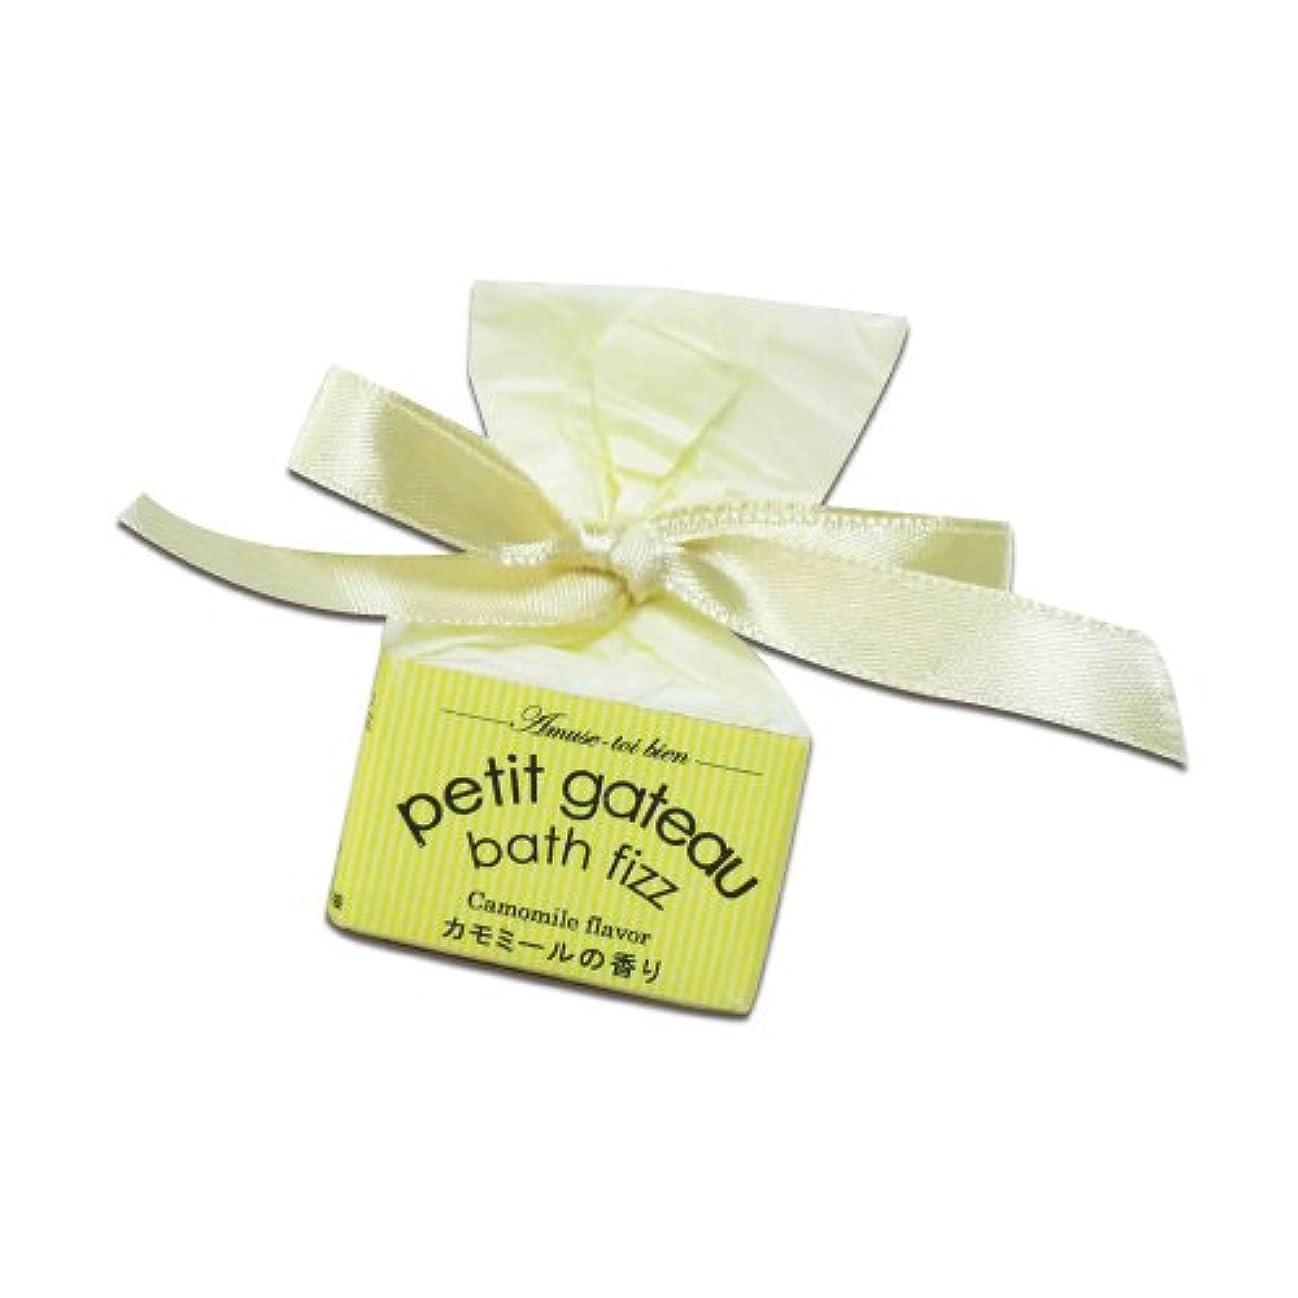 作る不快な派手プチガトーバスフィザー カモミールの香り 12個セット